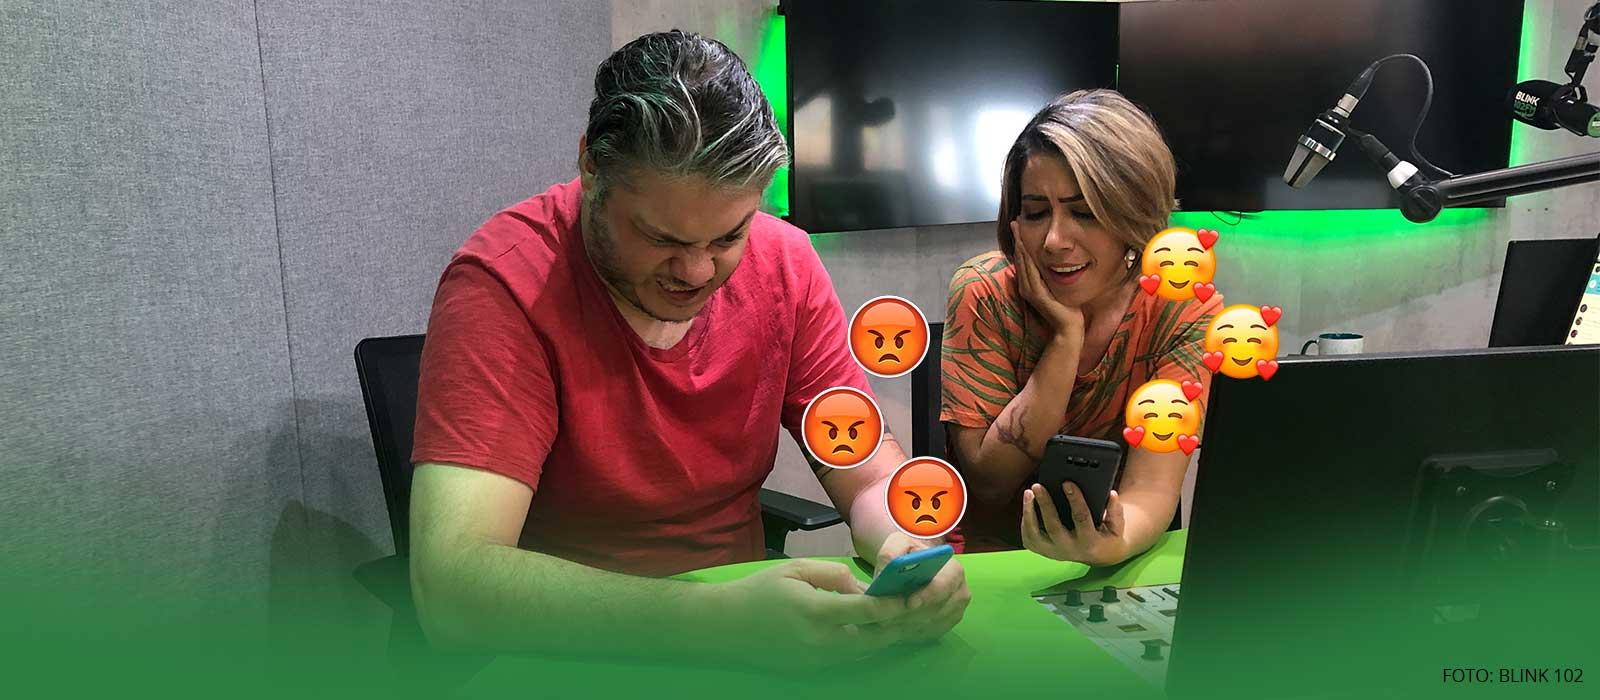 Dua Lipa odeia/ama redes sociais ao mesmo tempo. E você?